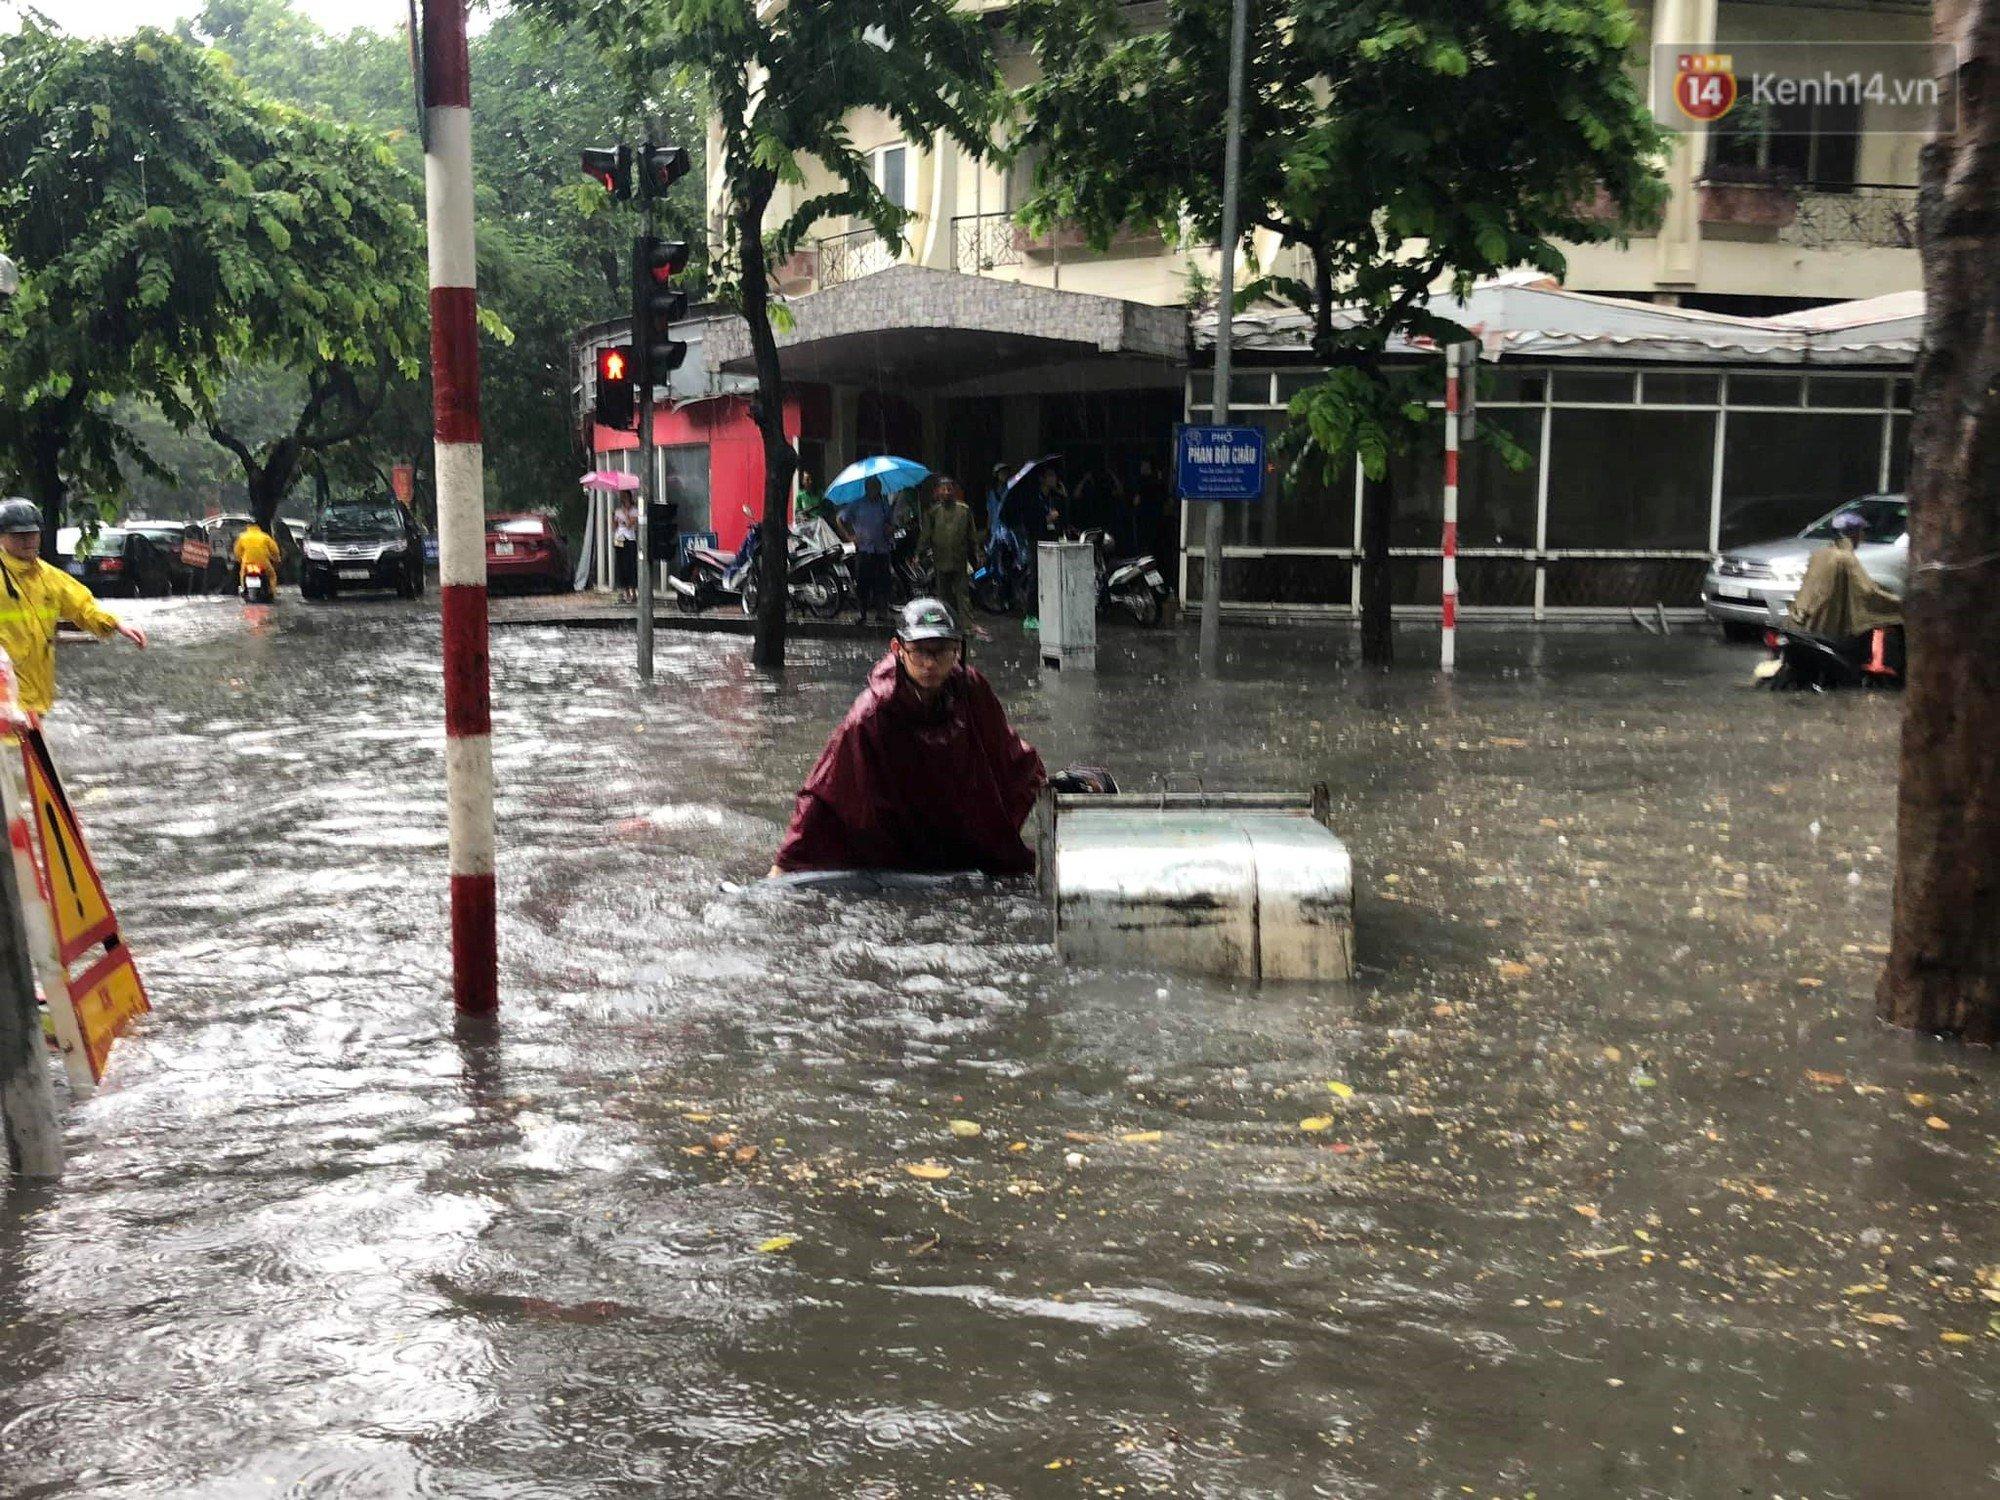 Hà Nội mưa lớn, nhiều tuyến phố 'chìm' trong biển nước 4